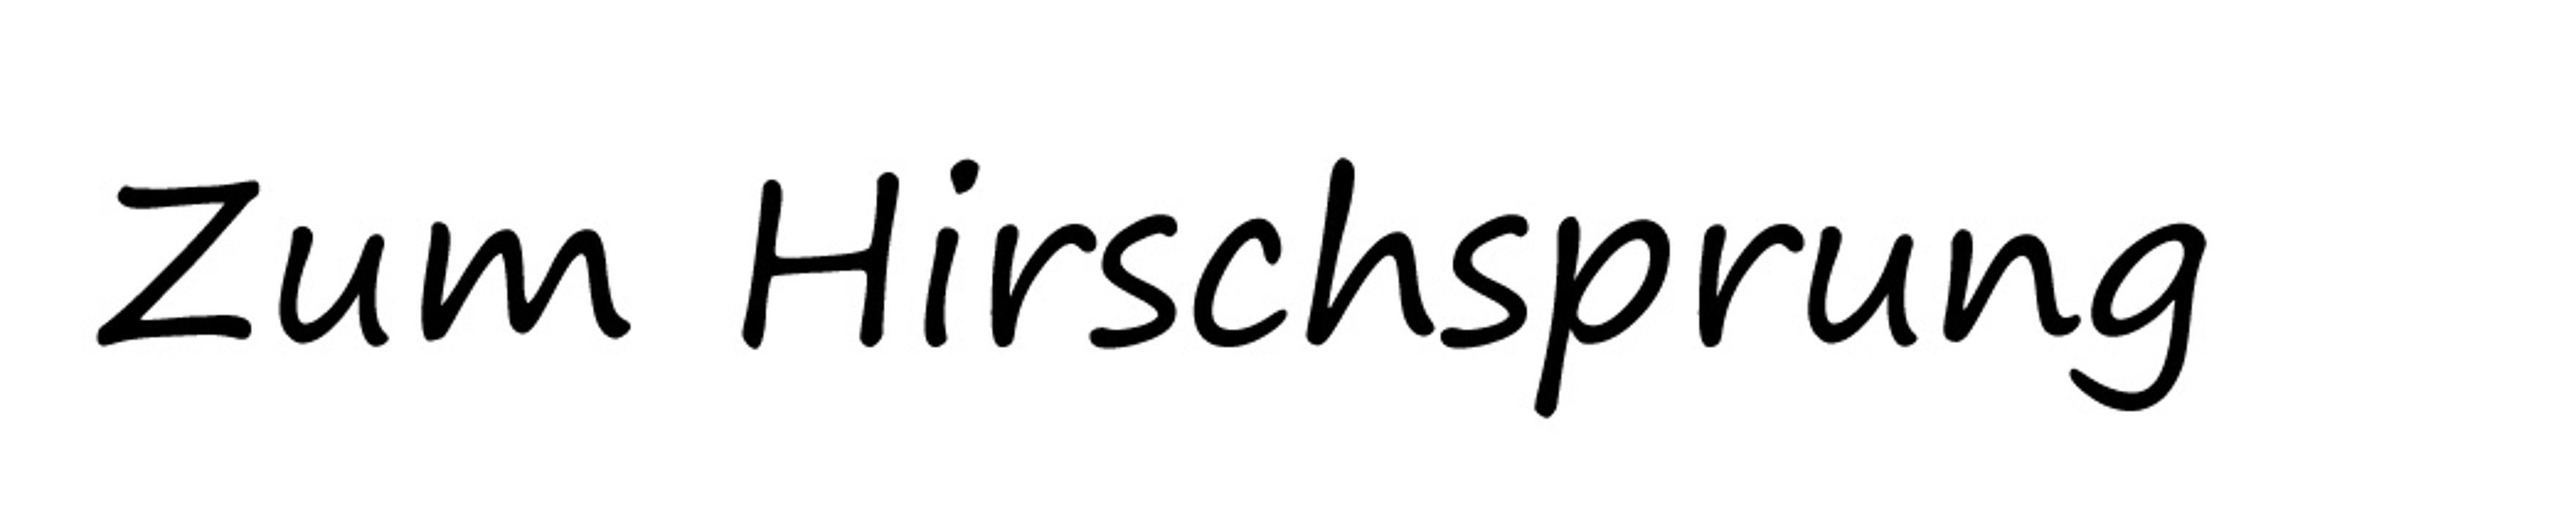 Bild zu Zum Hirschsprung in Stuttgart